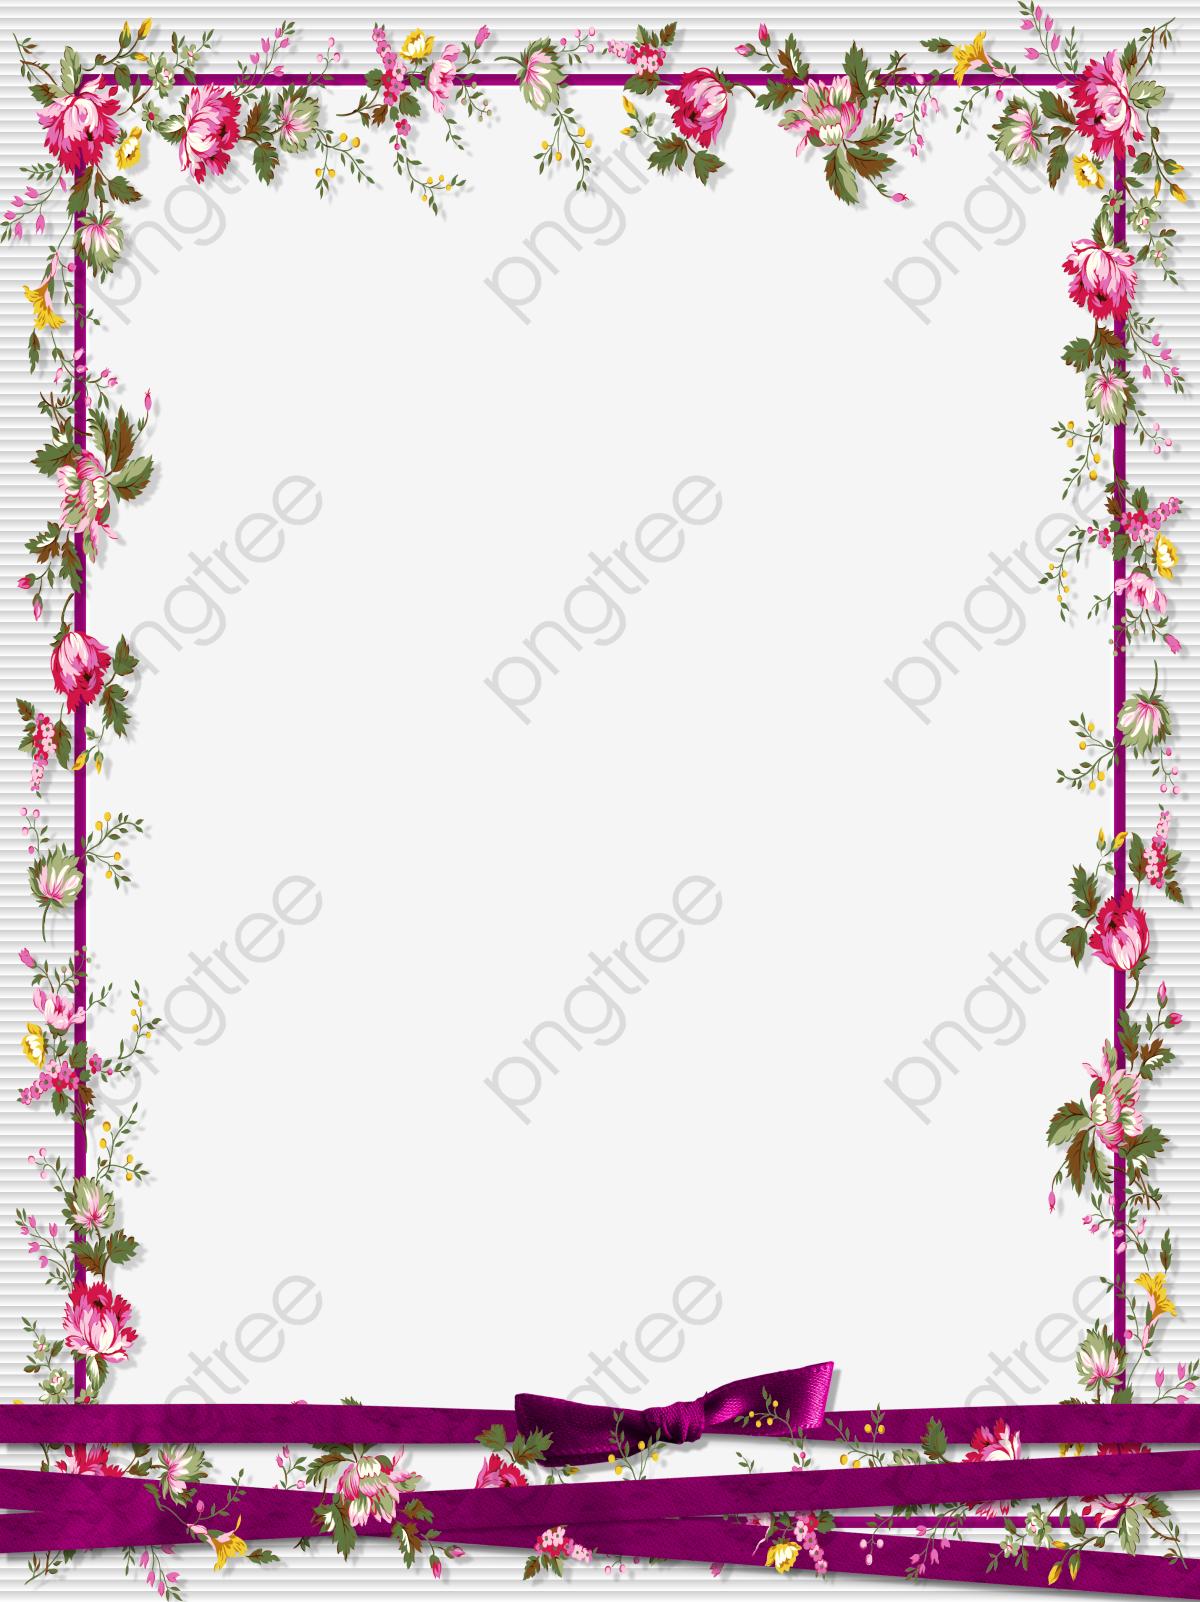 Floral Border Design, Graphic Design, Flowers, Frame PNG Transparent.